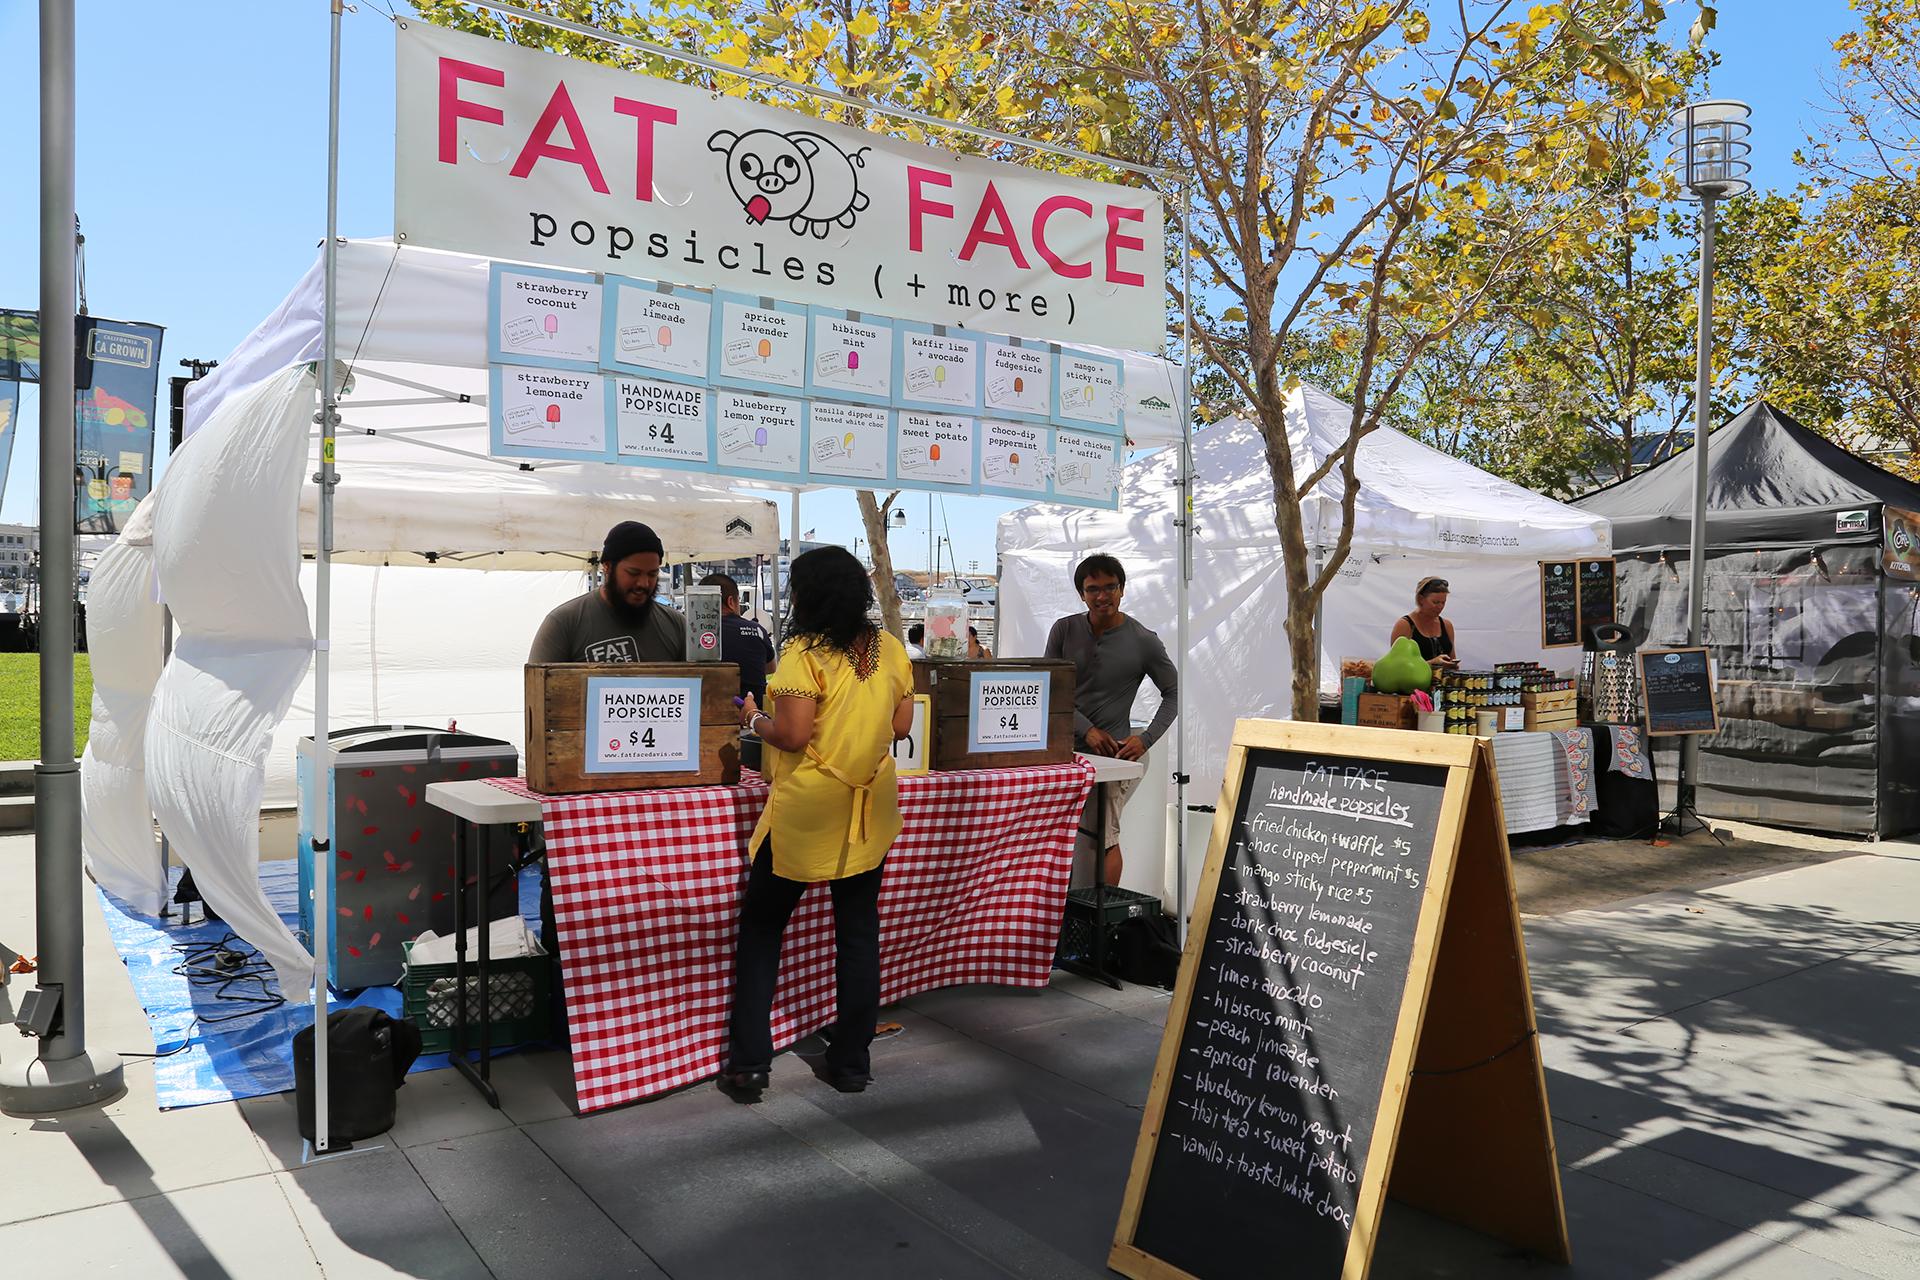 Fat Face popsicles